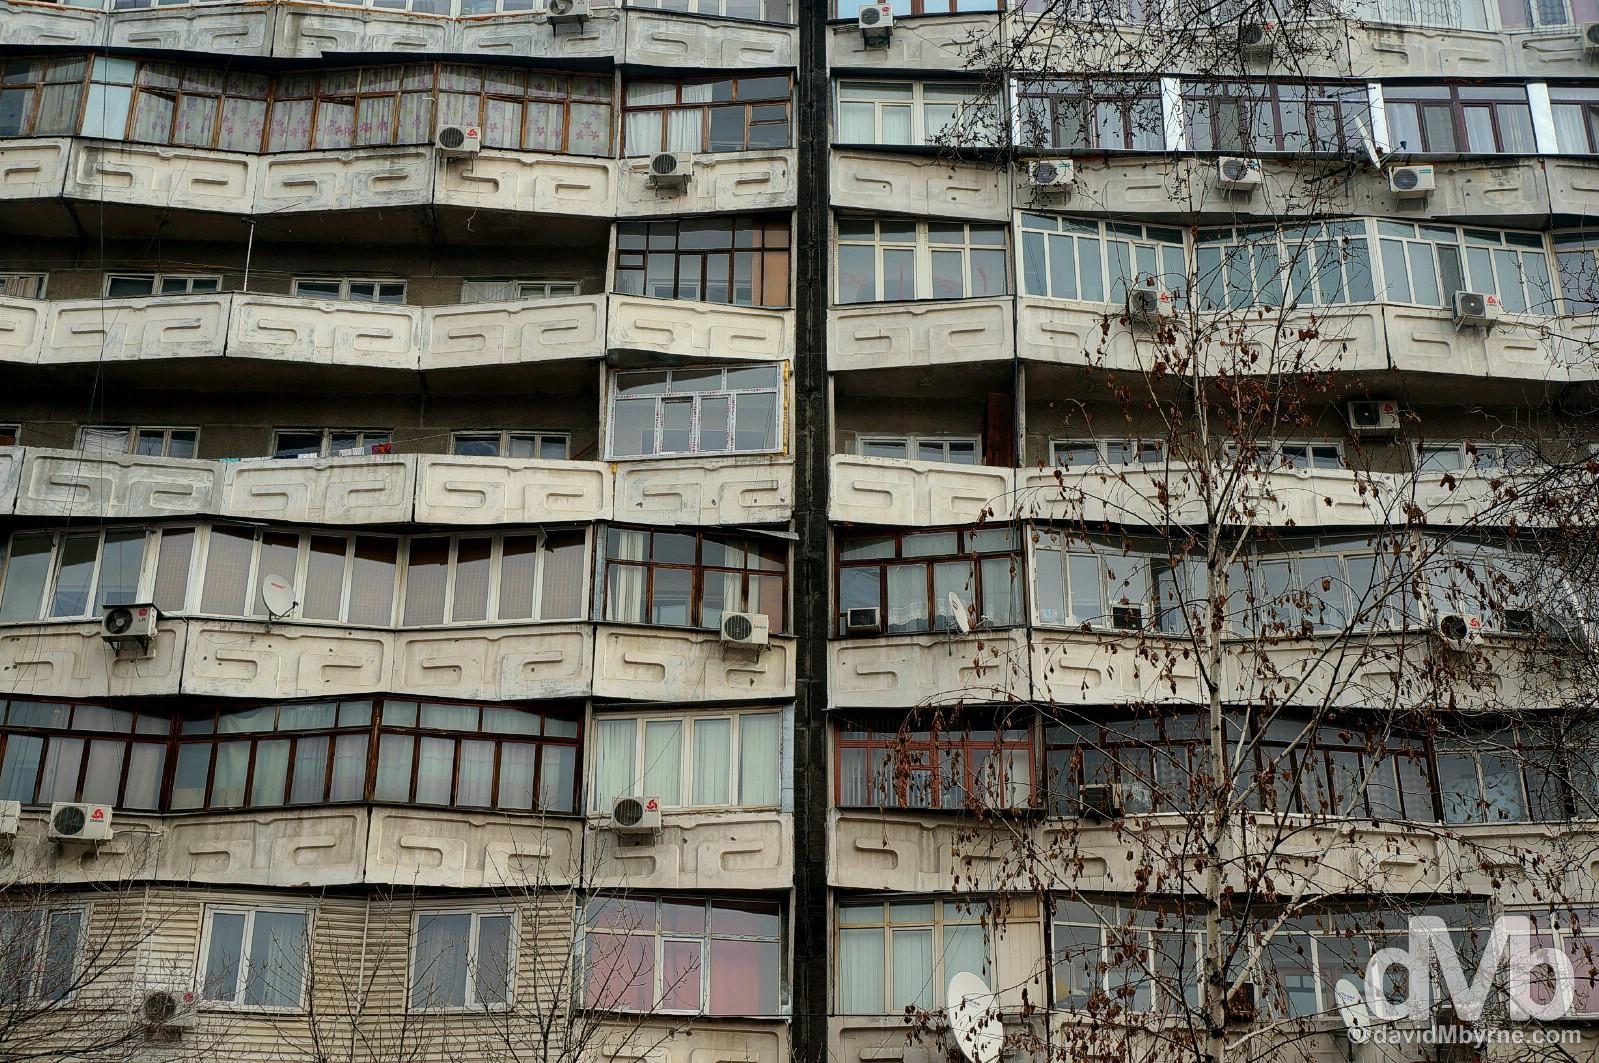 Apartment buildings on Abdrahmanov Street (Sovetskaya Street) in Bishkek, Kyrgyzstan. February 23, 2015.